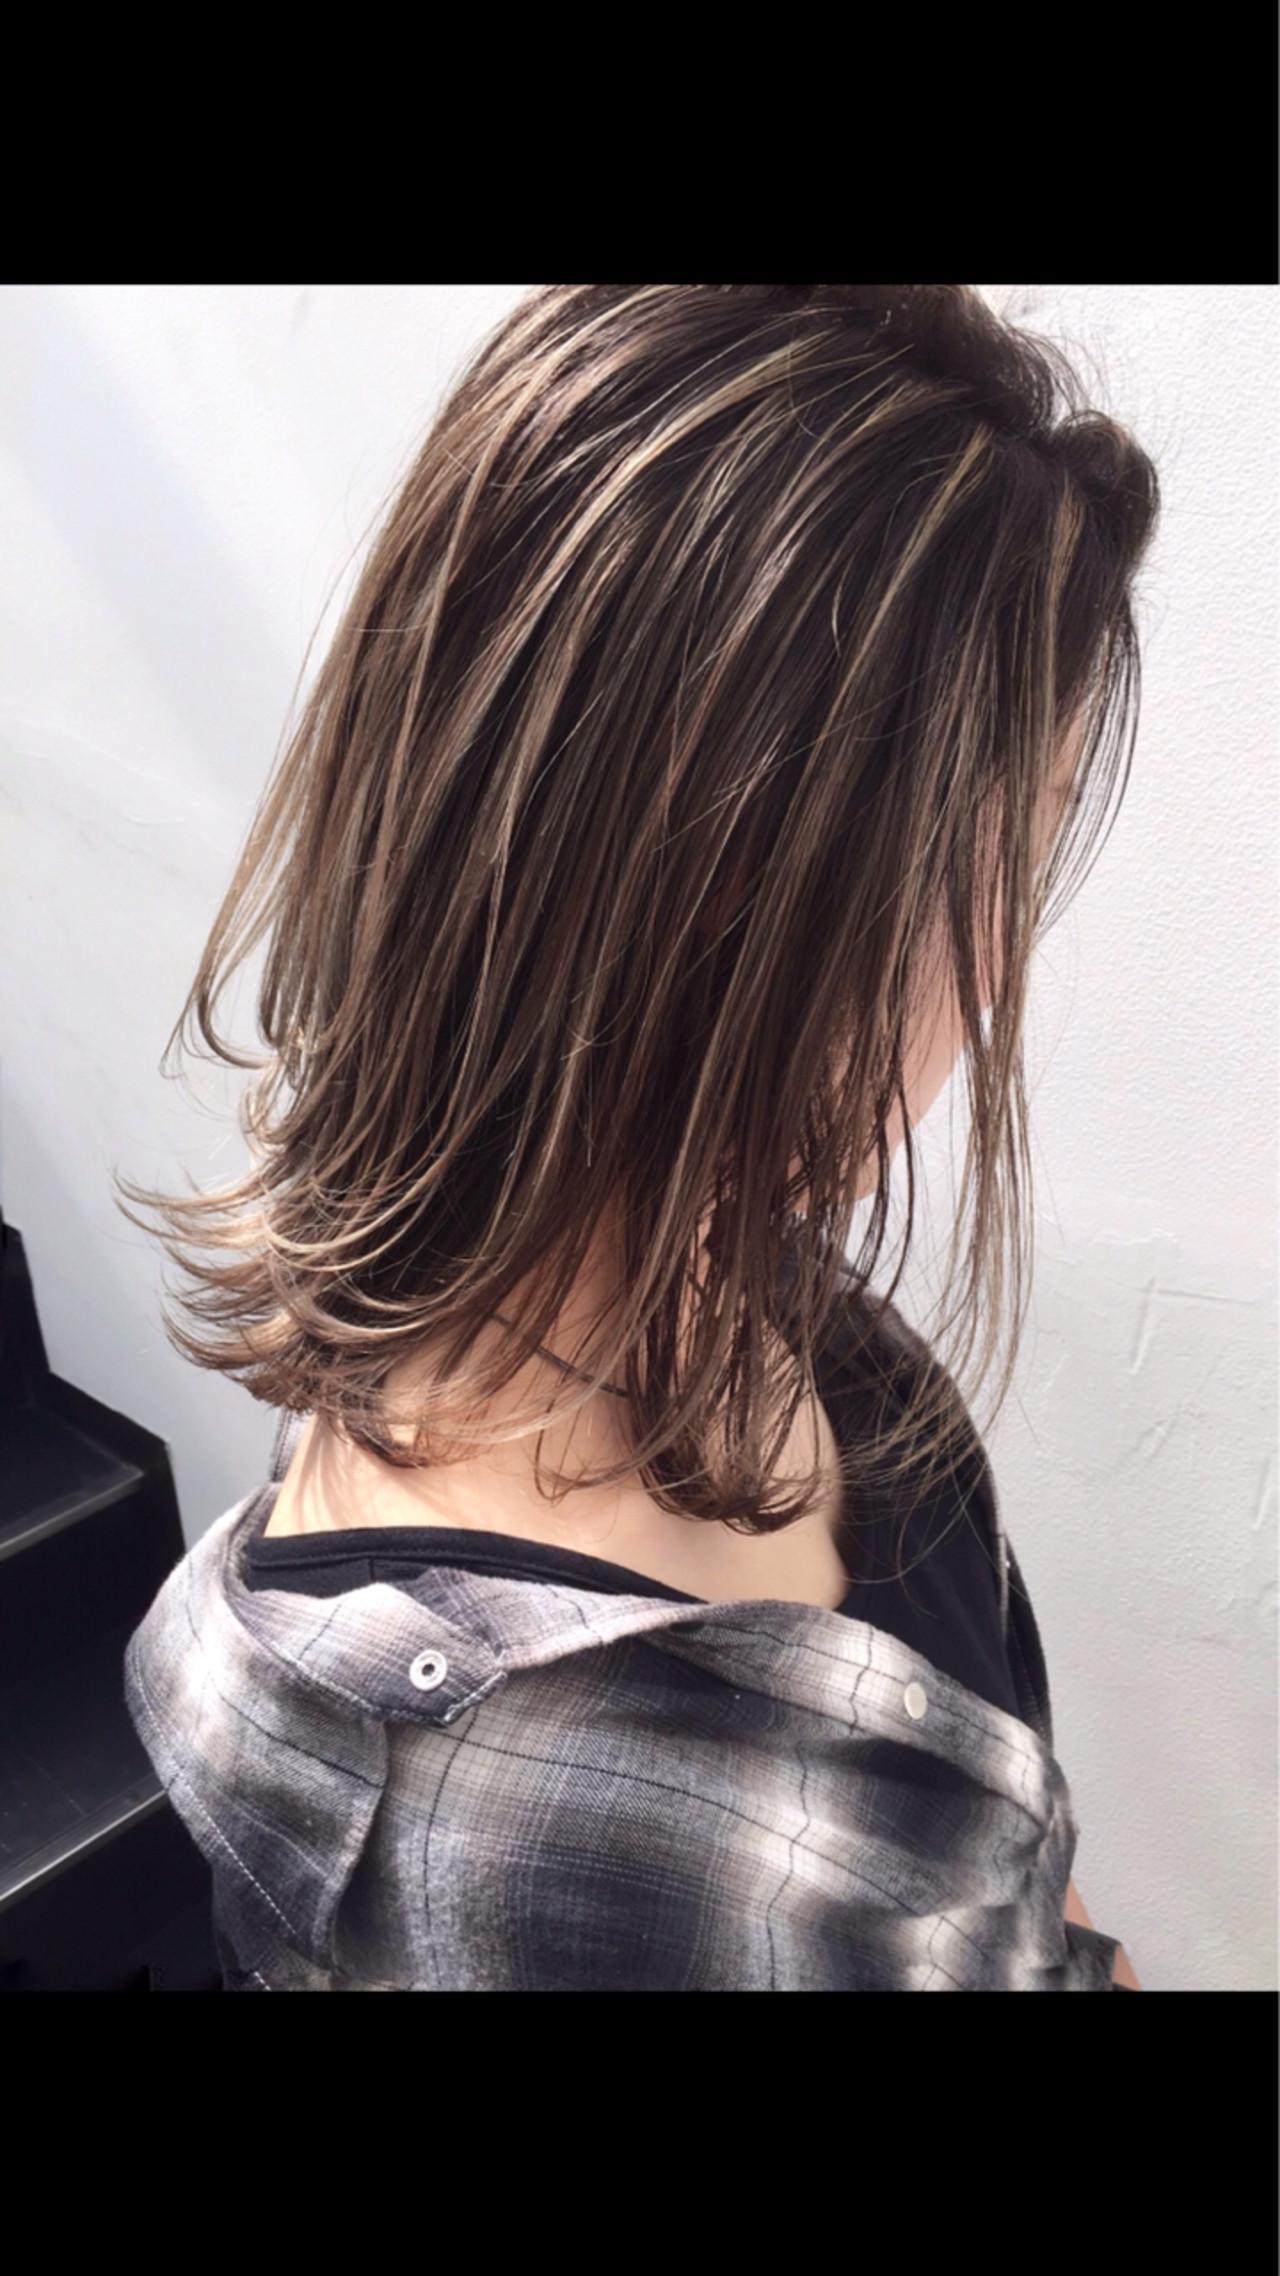 グレージュ ボブ アンニュイ バレイヤージュ ヘアスタイルや髪型の写真・画像